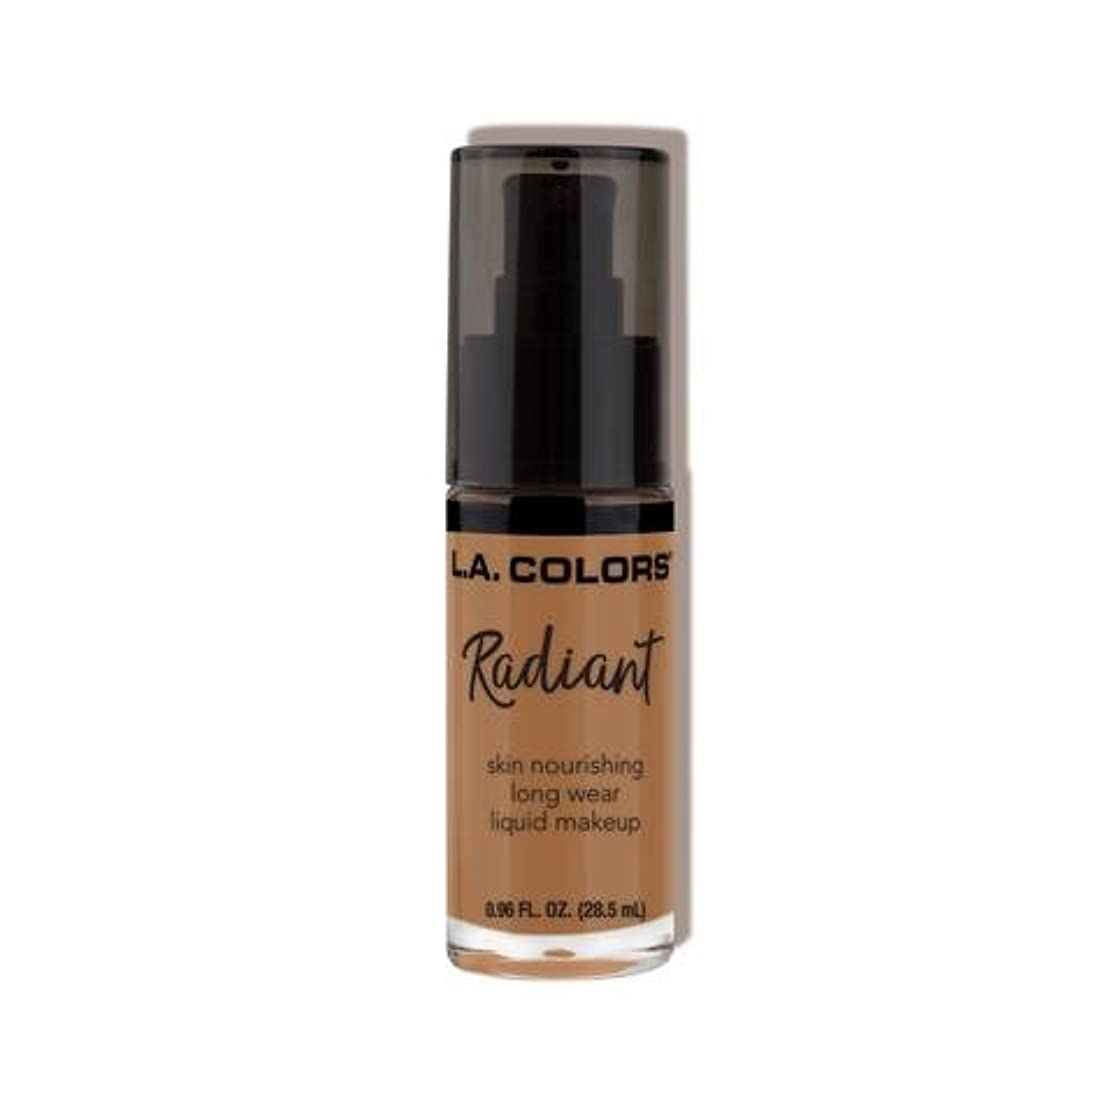 説教する確認取り付け(6 Pack) L.A. COLORS Radiant Liquid Makeup - Chestnut (並行輸入品)